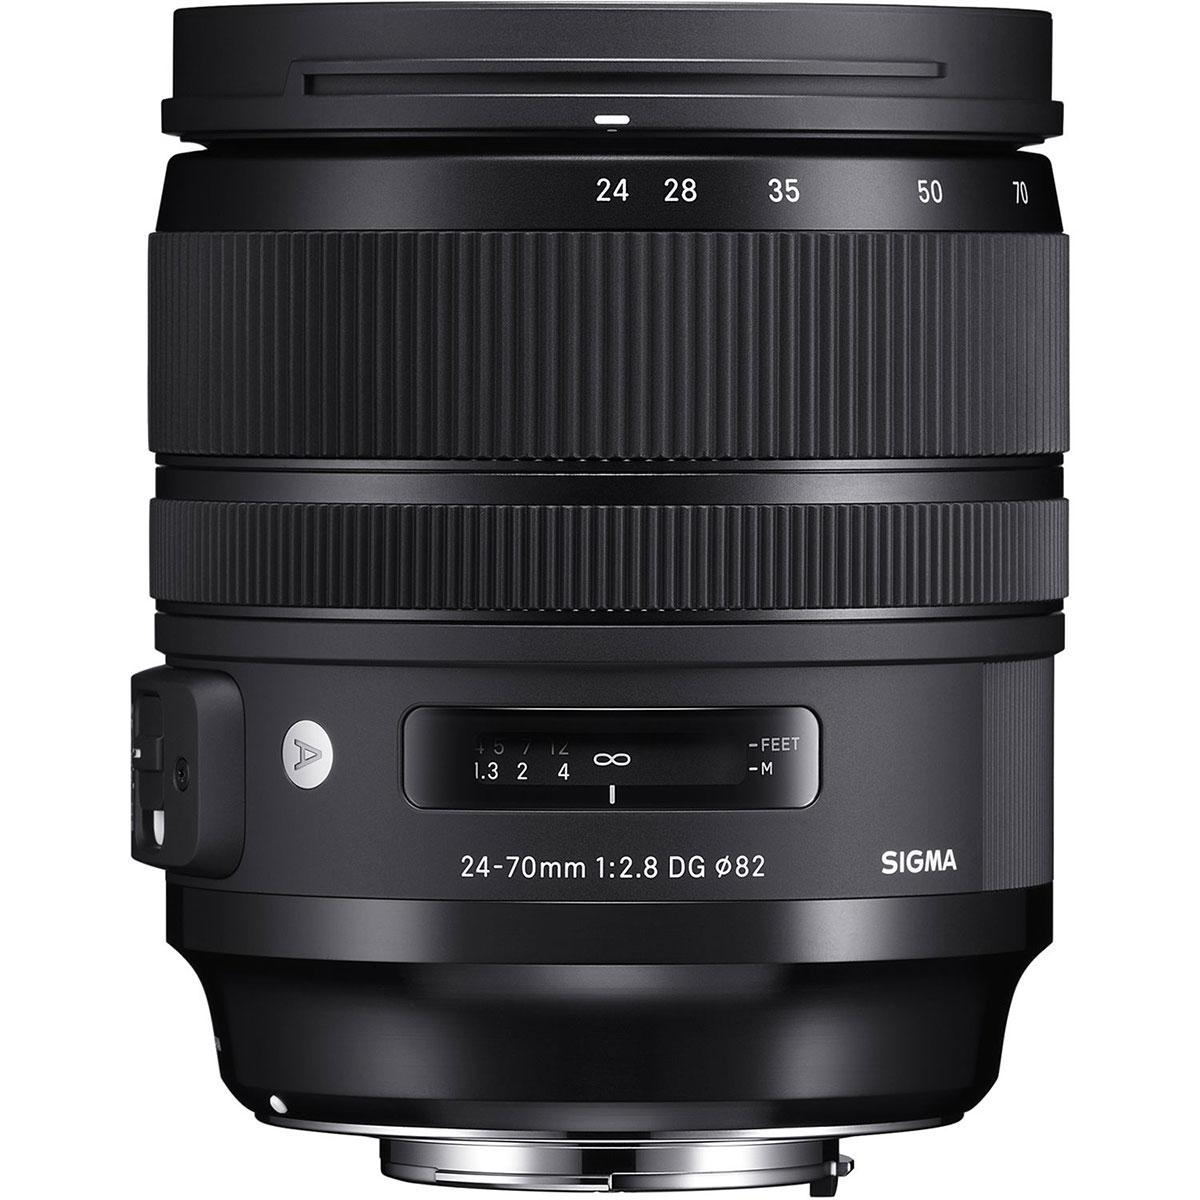 لنز سیگما مدل 24-70mm f/2.8 DG OS مناسب برای دوربین کانن